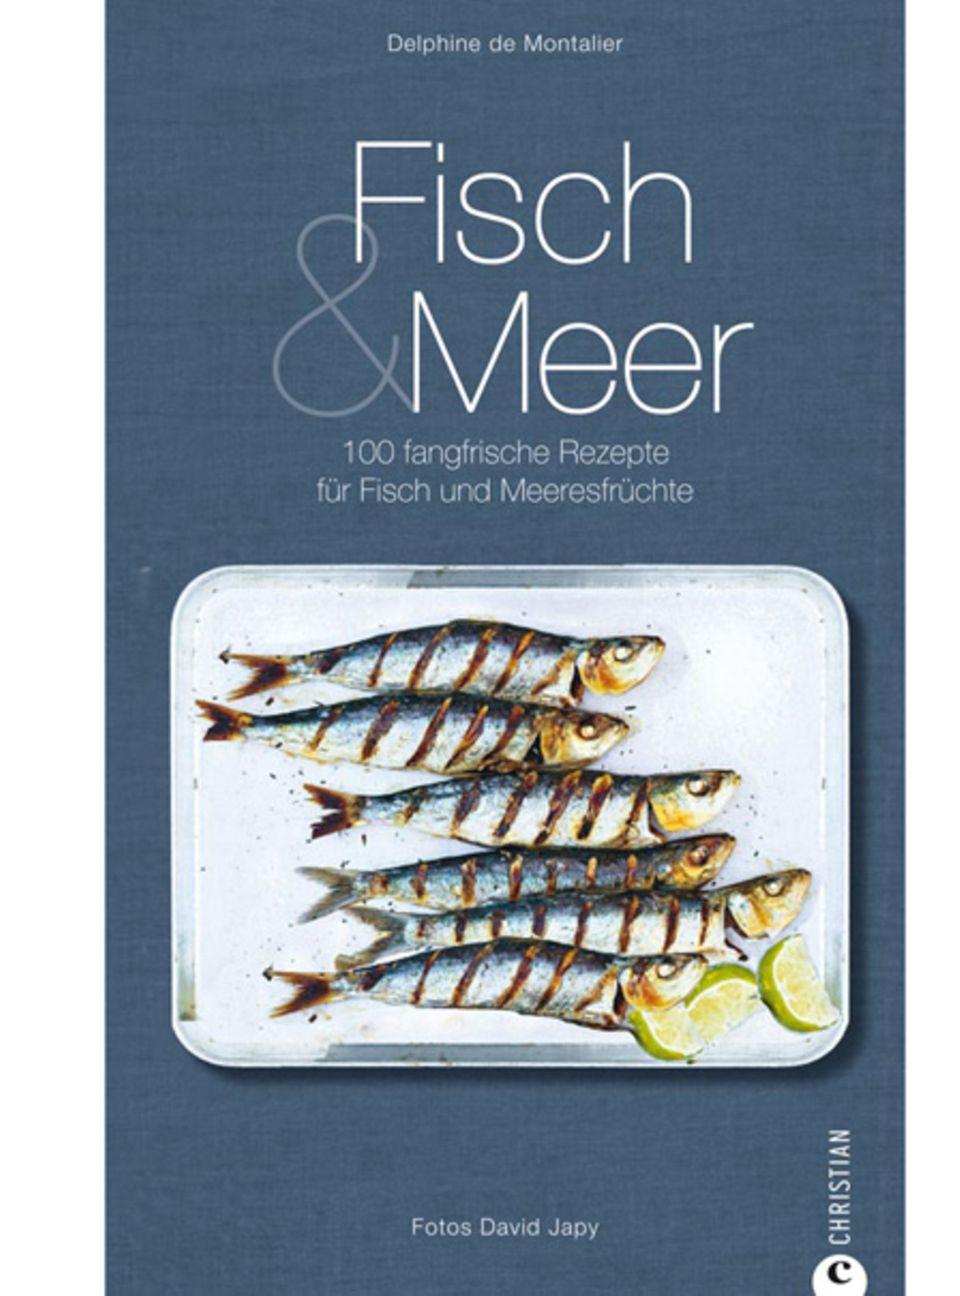 100 fangfrische Rezepte für Fisch und Meeresfrüchte